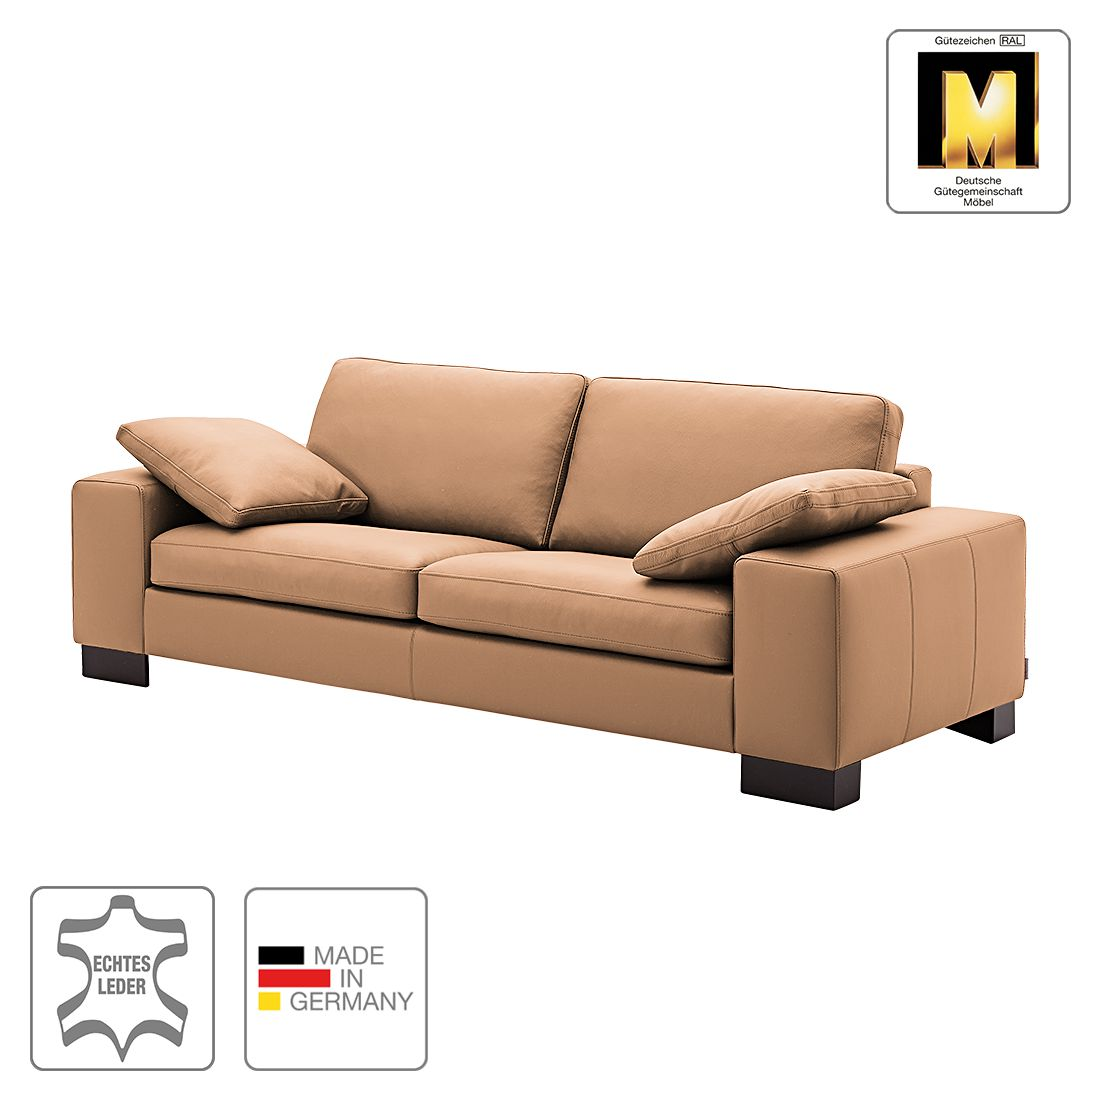 3 2 1 sitzer sofas preisvergleiche erfahrungsberichte. Black Bedroom Furniture Sets. Home Design Ideas